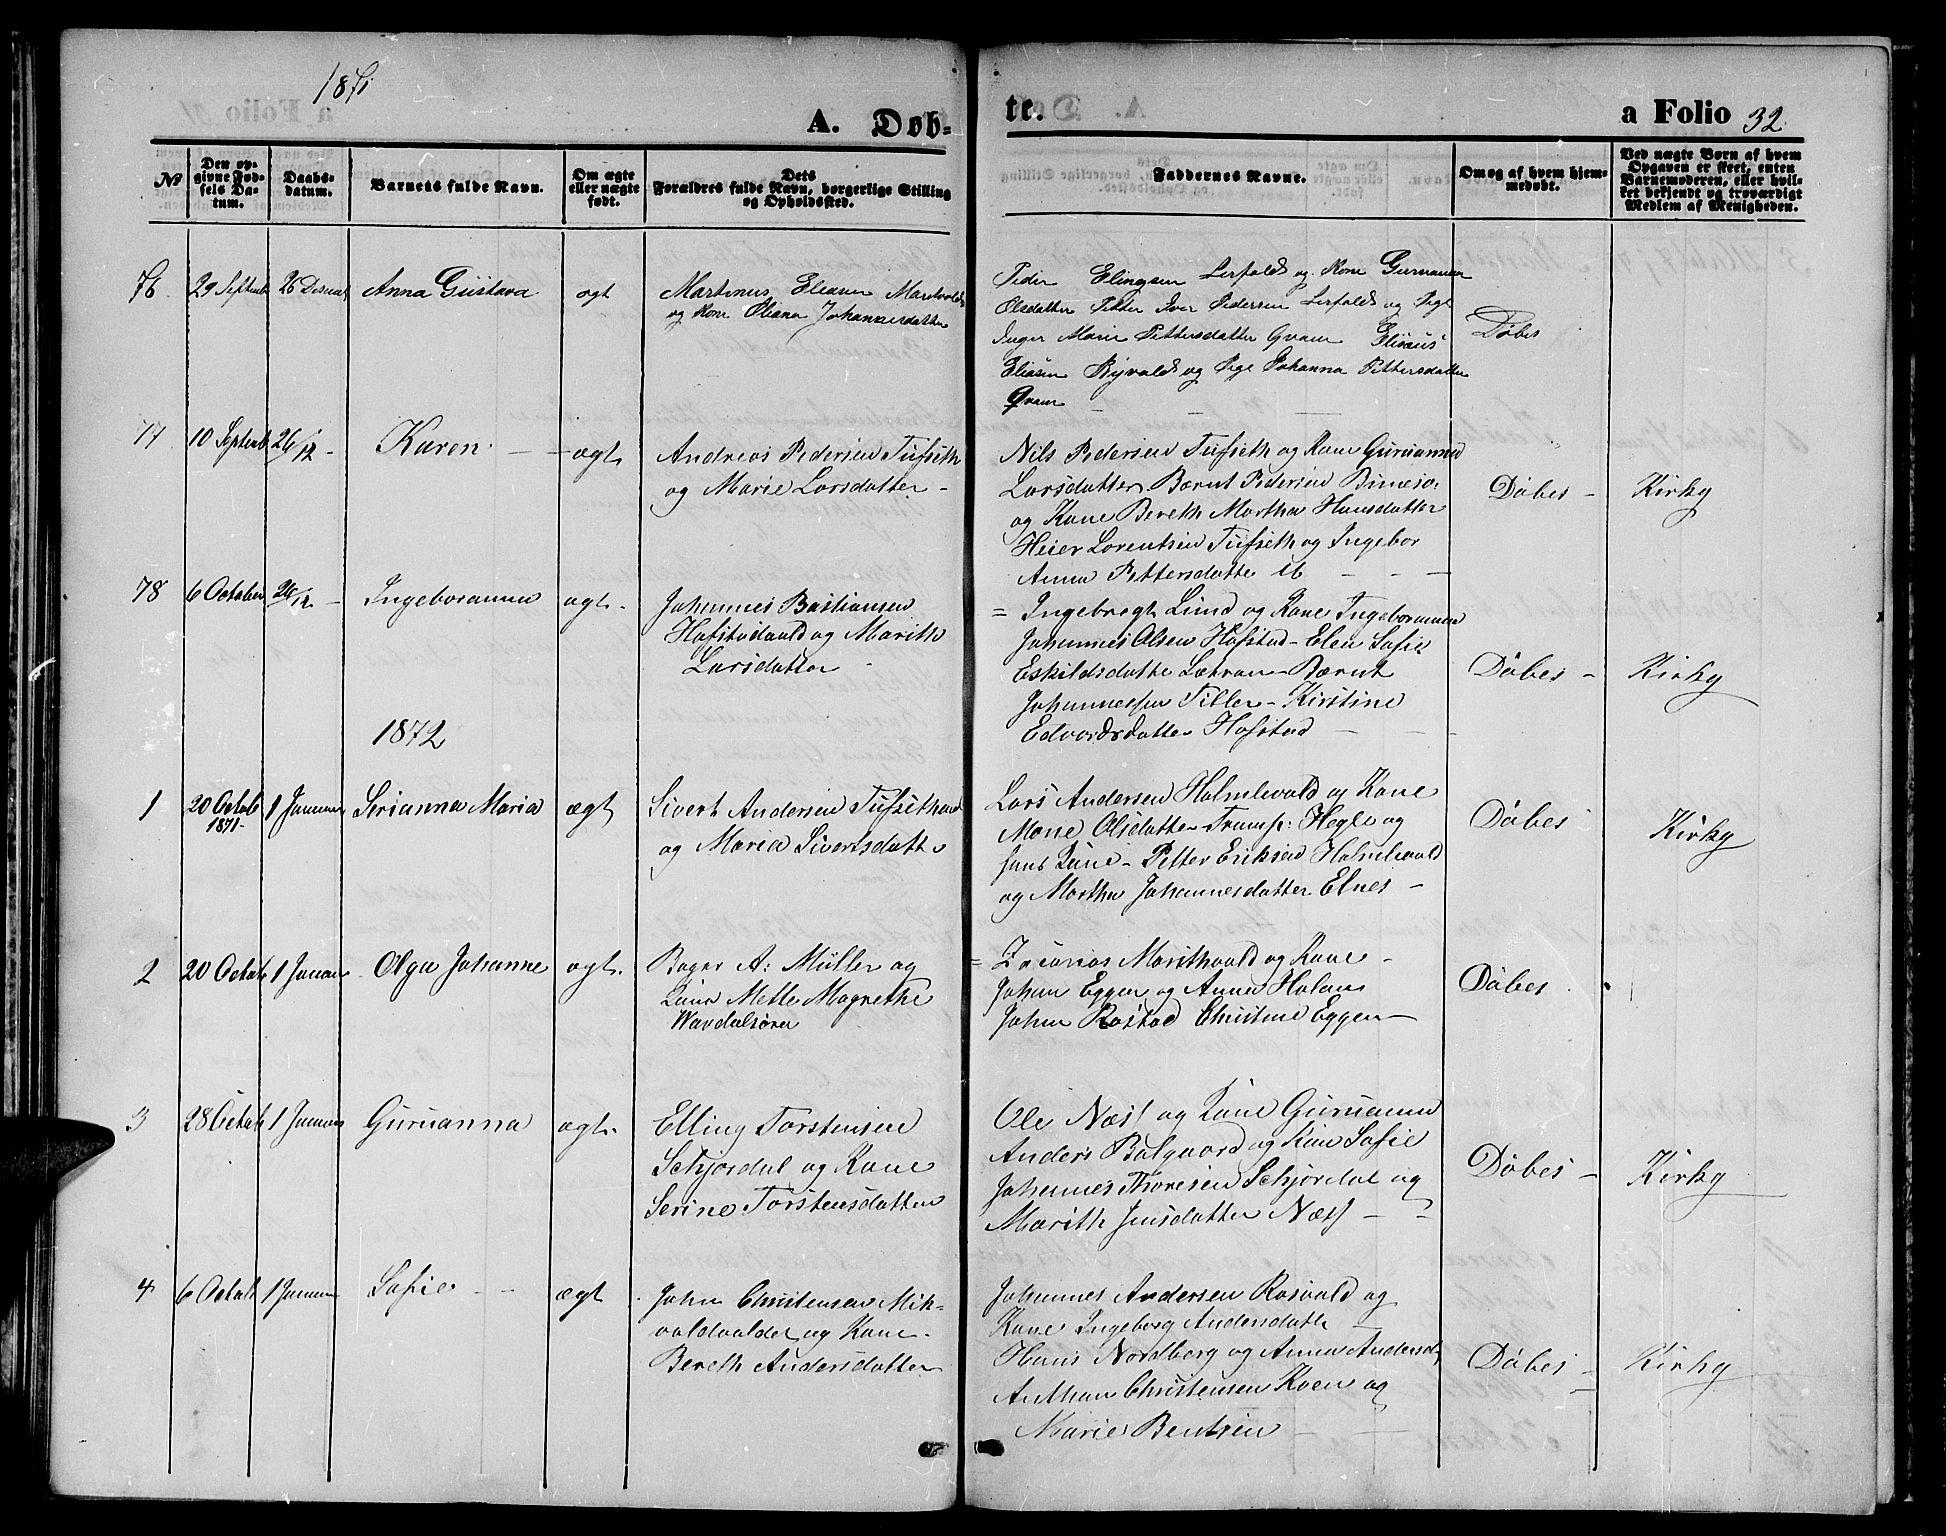 SAT, Ministerialprotokoller, klokkerbøker og fødselsregistre - Nord-Trøndelag, 723/L0255: Klokkerbok nr. 723C03, 1869-1879, s. 32